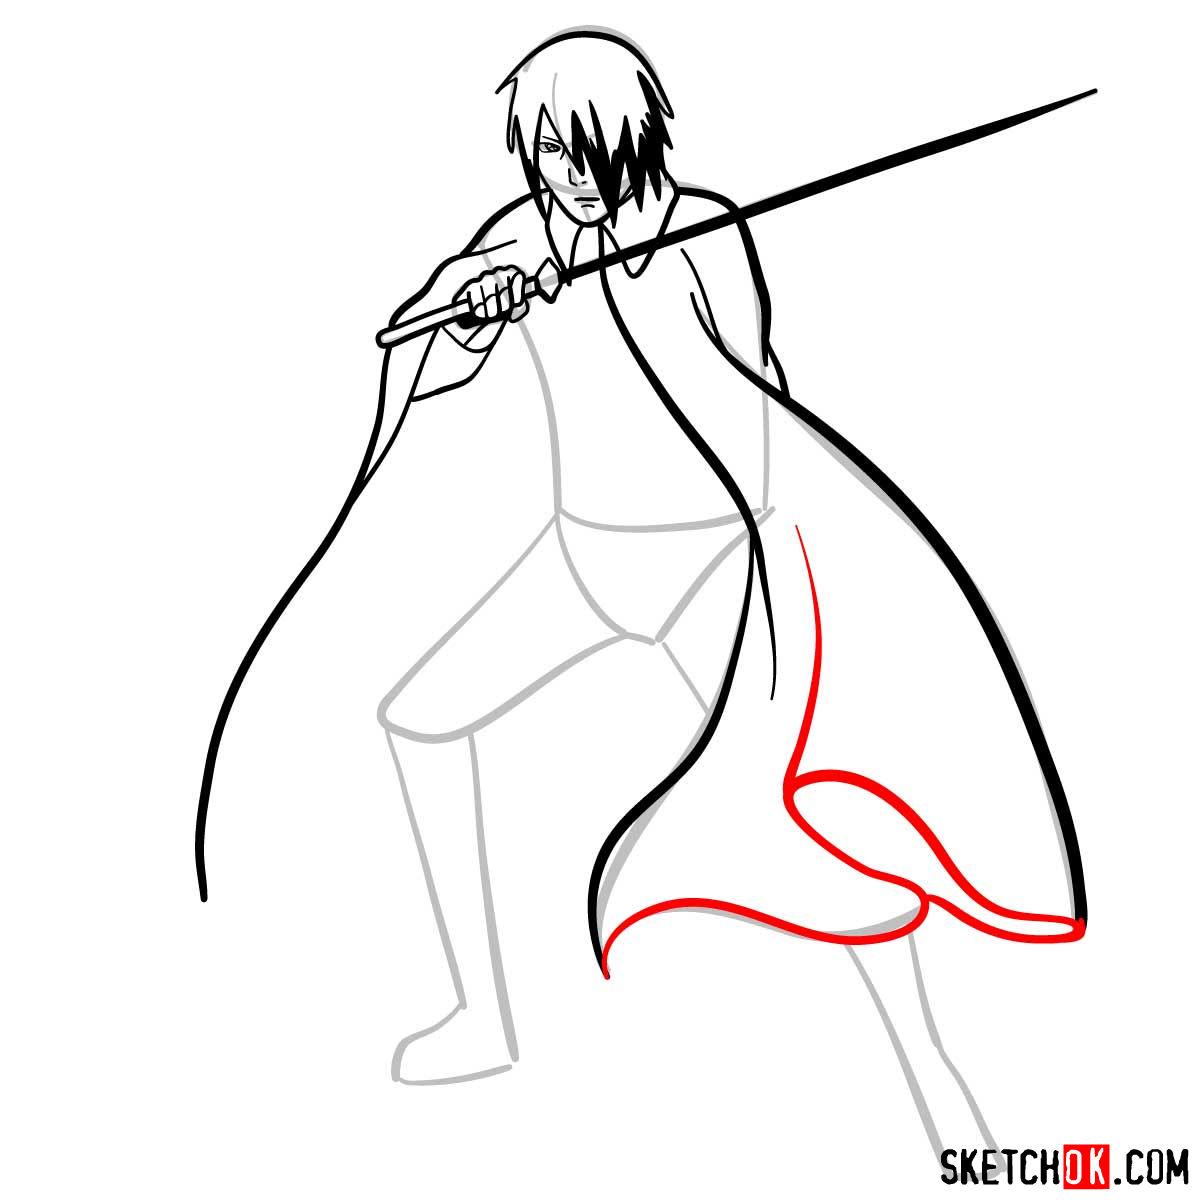 How to draw Sasuke Uchiha from Naruto anime - step 08